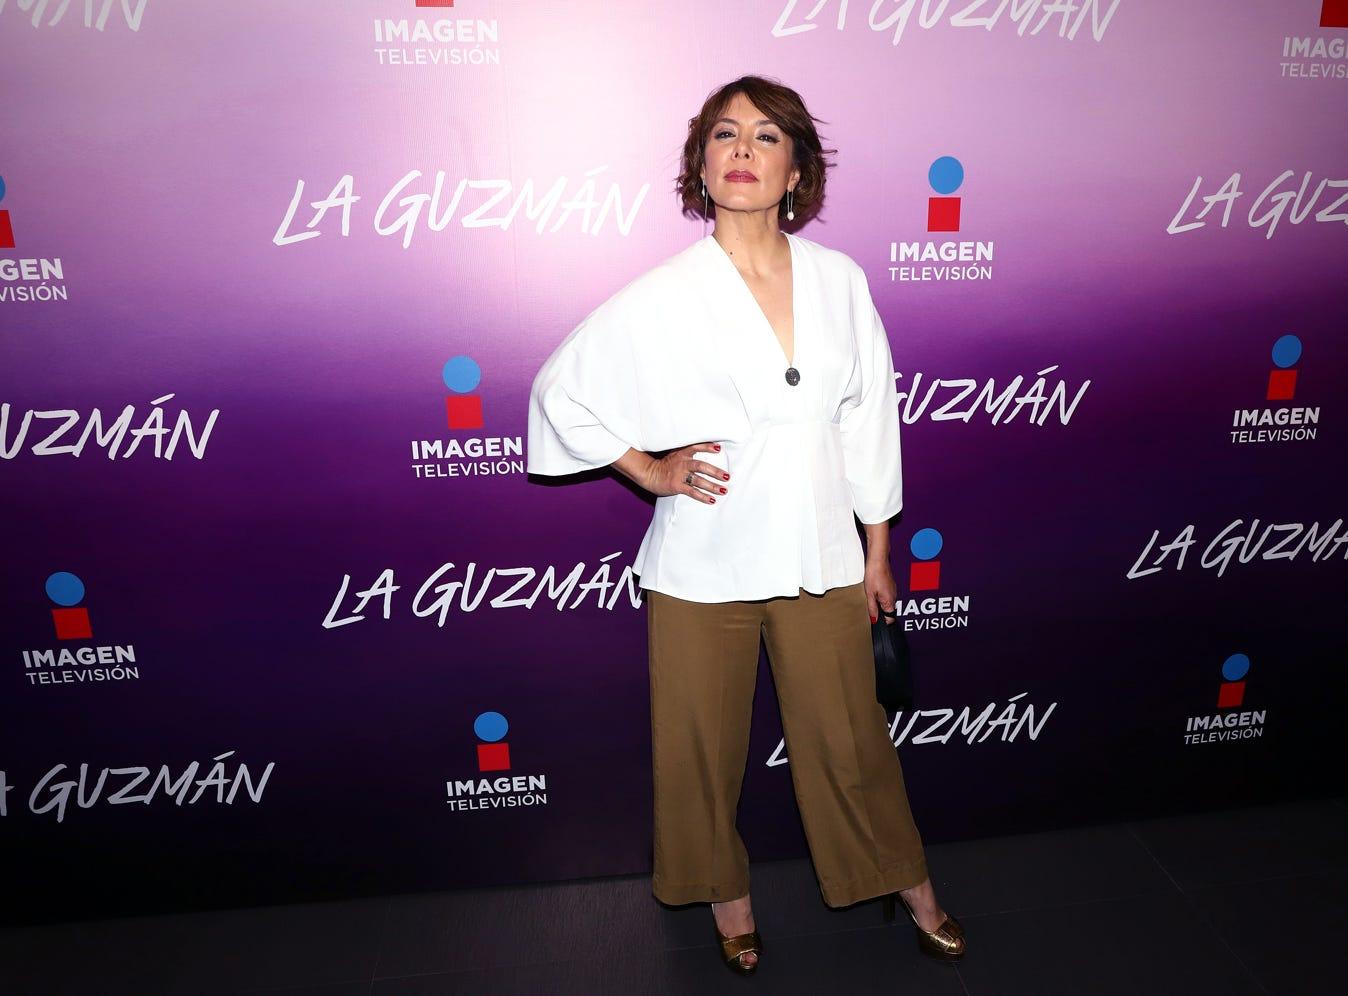 Carmen Madrid disfrutó del preestreno del primer capítulo de la serie La Guzmán. La producción, que se estrenará el lunes a las 21:30 horas por Imagen Televisión, retrata la historia de la hija de Silvia Pinal y Enrique Guzmán.